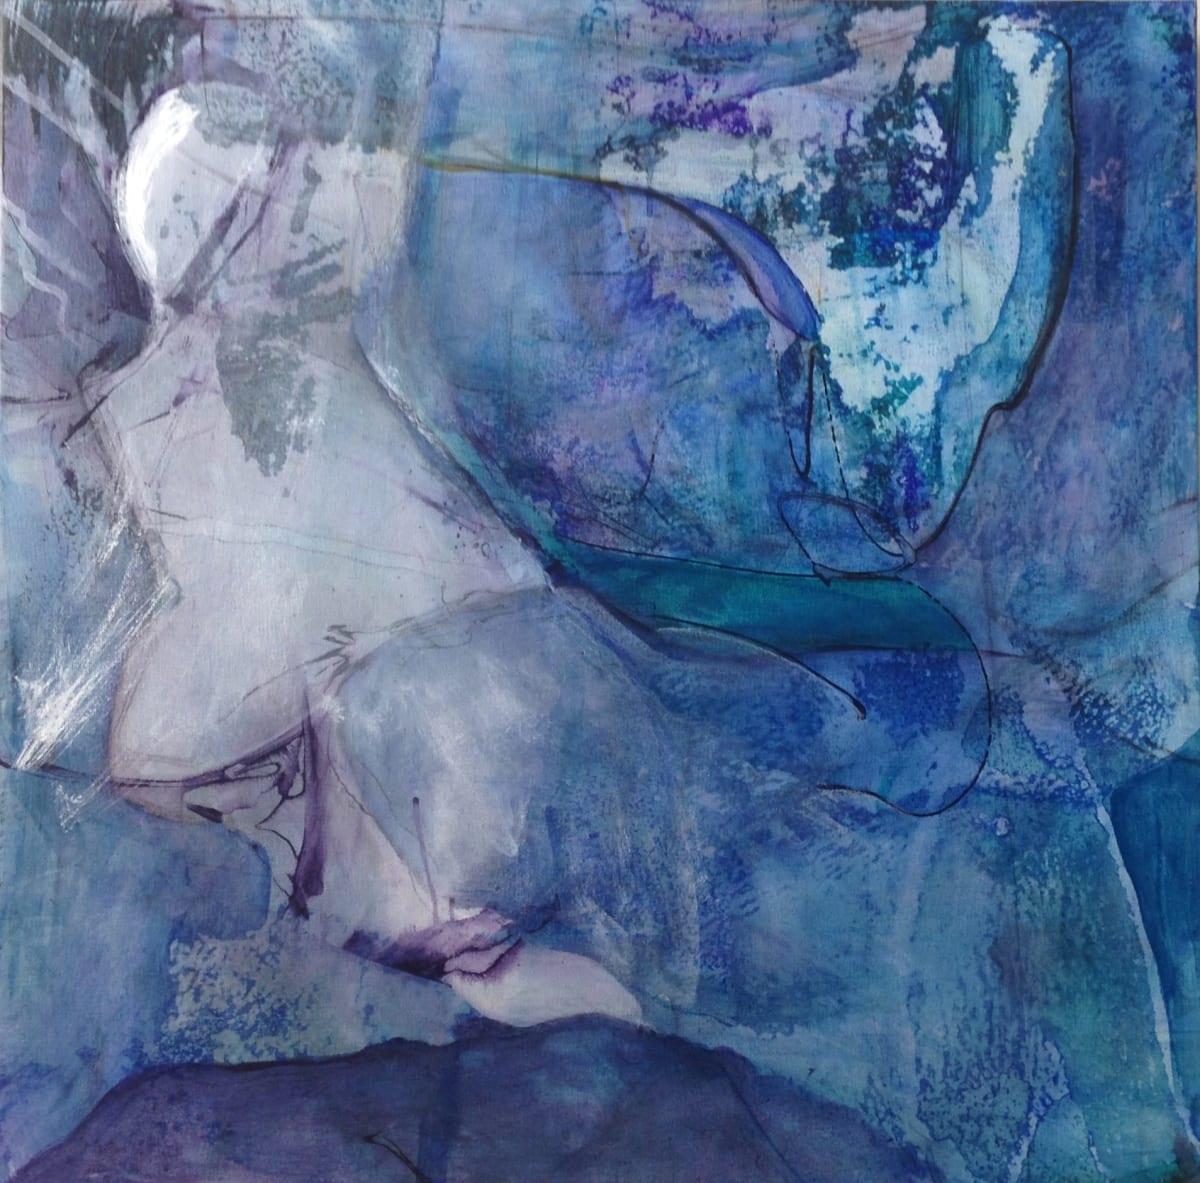 Under the Surface, 1 by Laura Viola Preciado